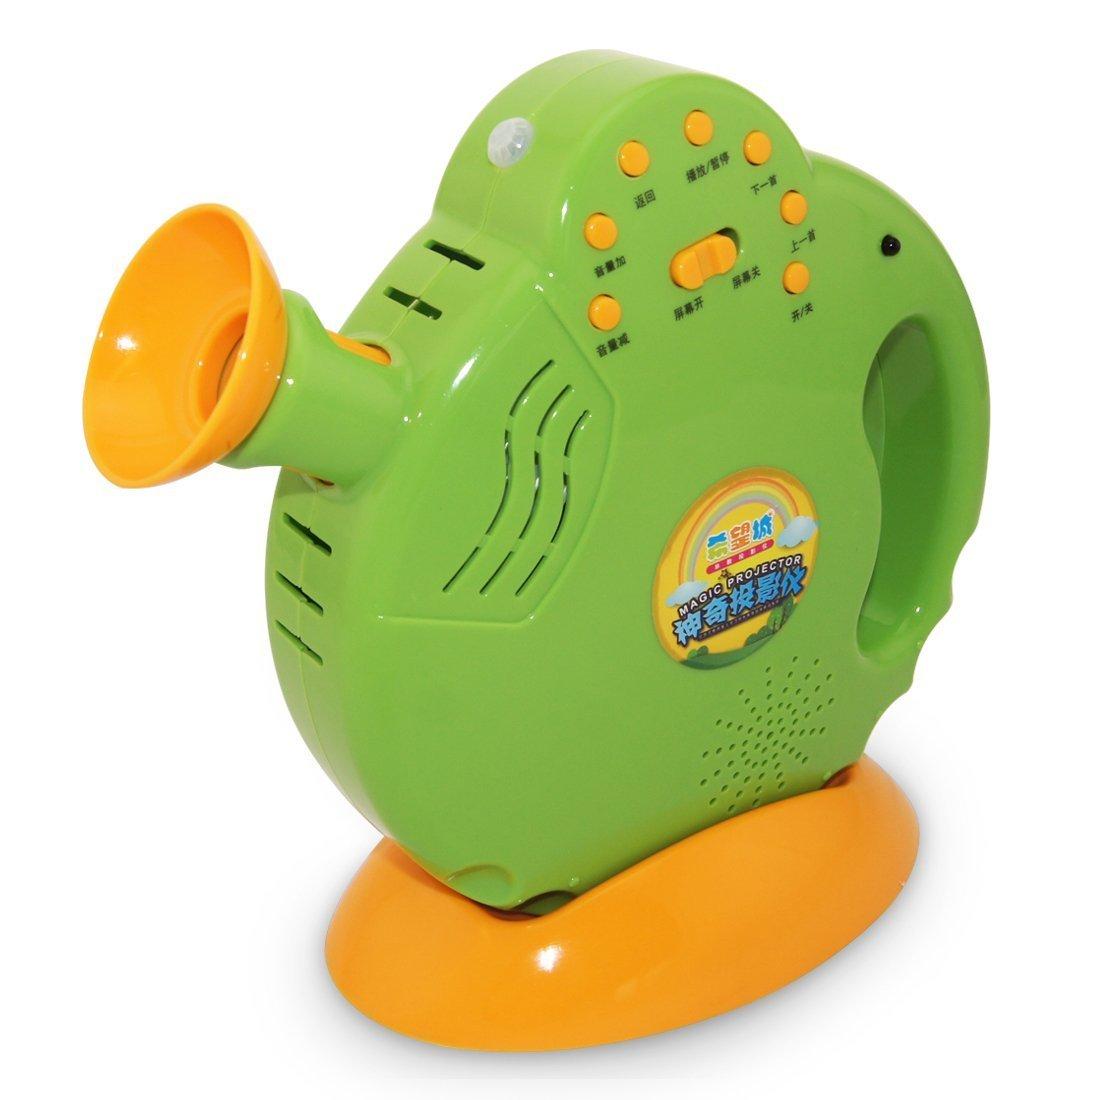 希望城投影仪儿童投影仪益智玩具早教机故事机儿童玩具可充电可下载早教投影四练互动教学法绿色款